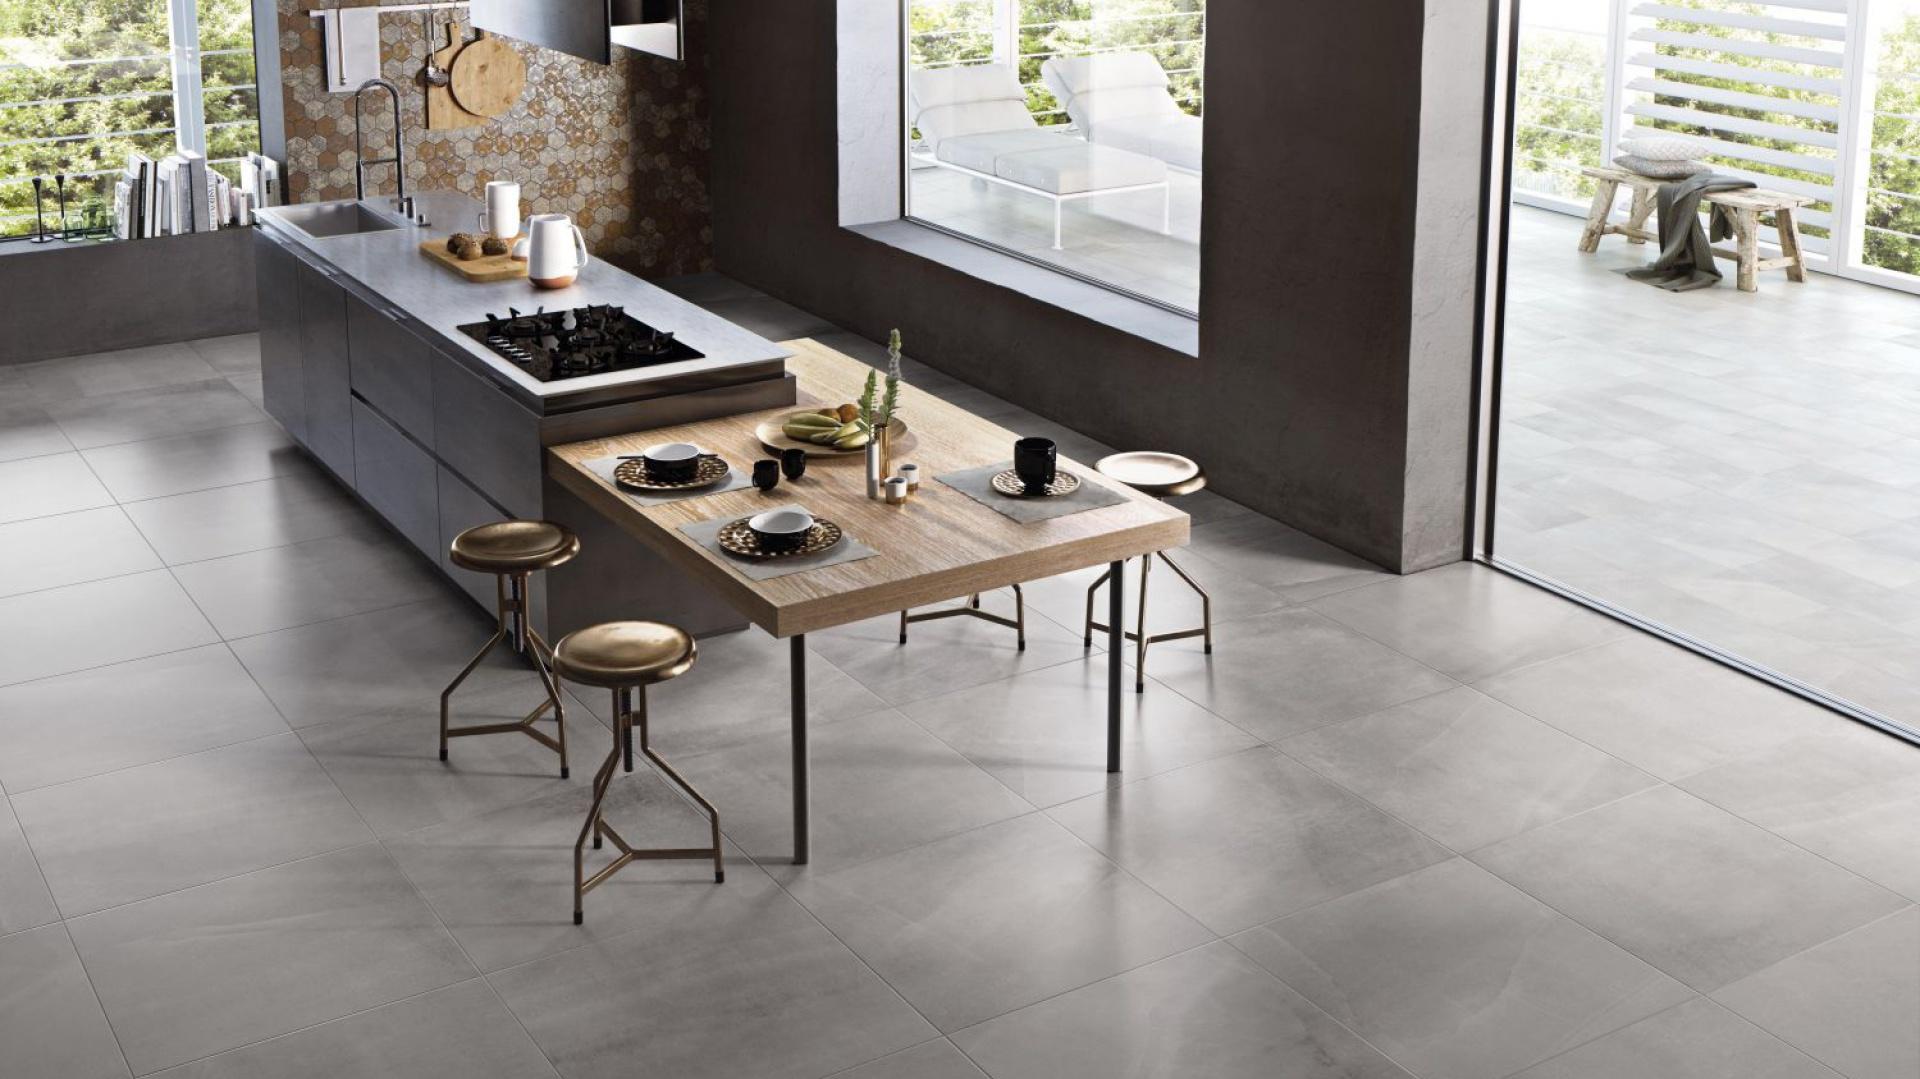 Płytki All Grey z kolekcji All Over w satynowym wykończeniu, delikatnie cieniowane, przeznaczone zarówno do wnętrz, jak i na zewnątrz. Fot. Ceramiche Supergres.